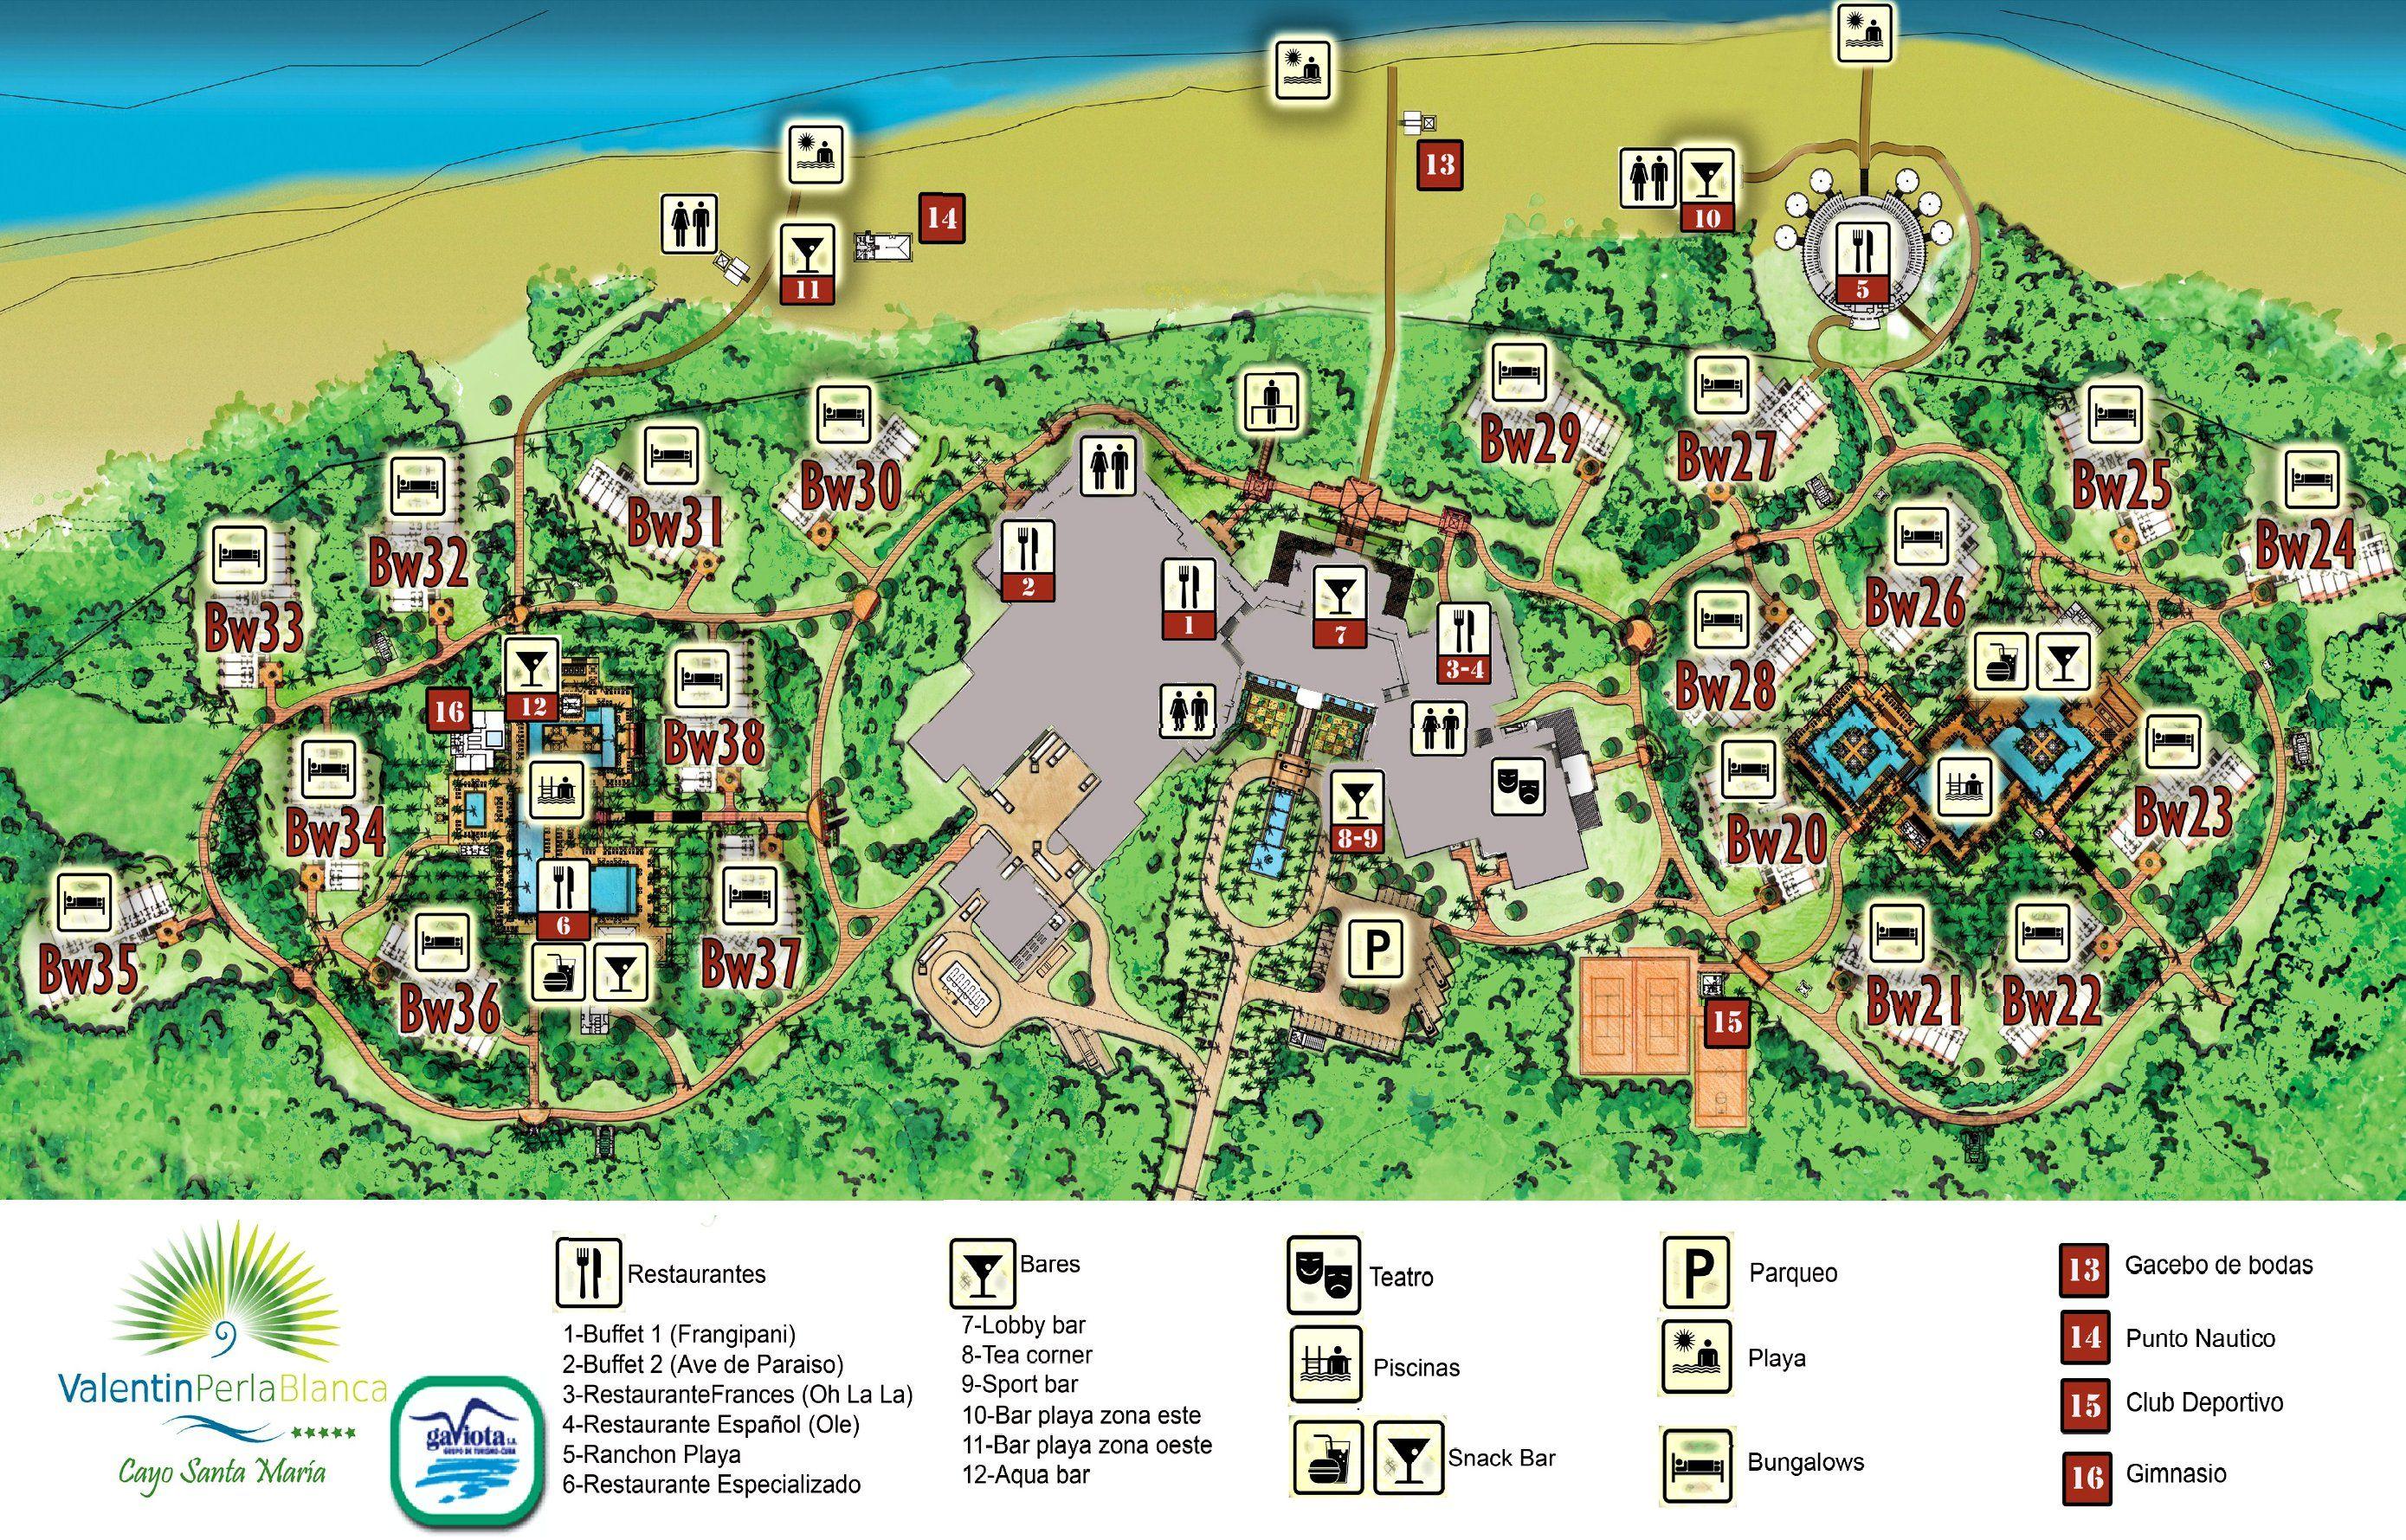 Map Layout Valentin Perla Blanca Cayo santa maria, Santa